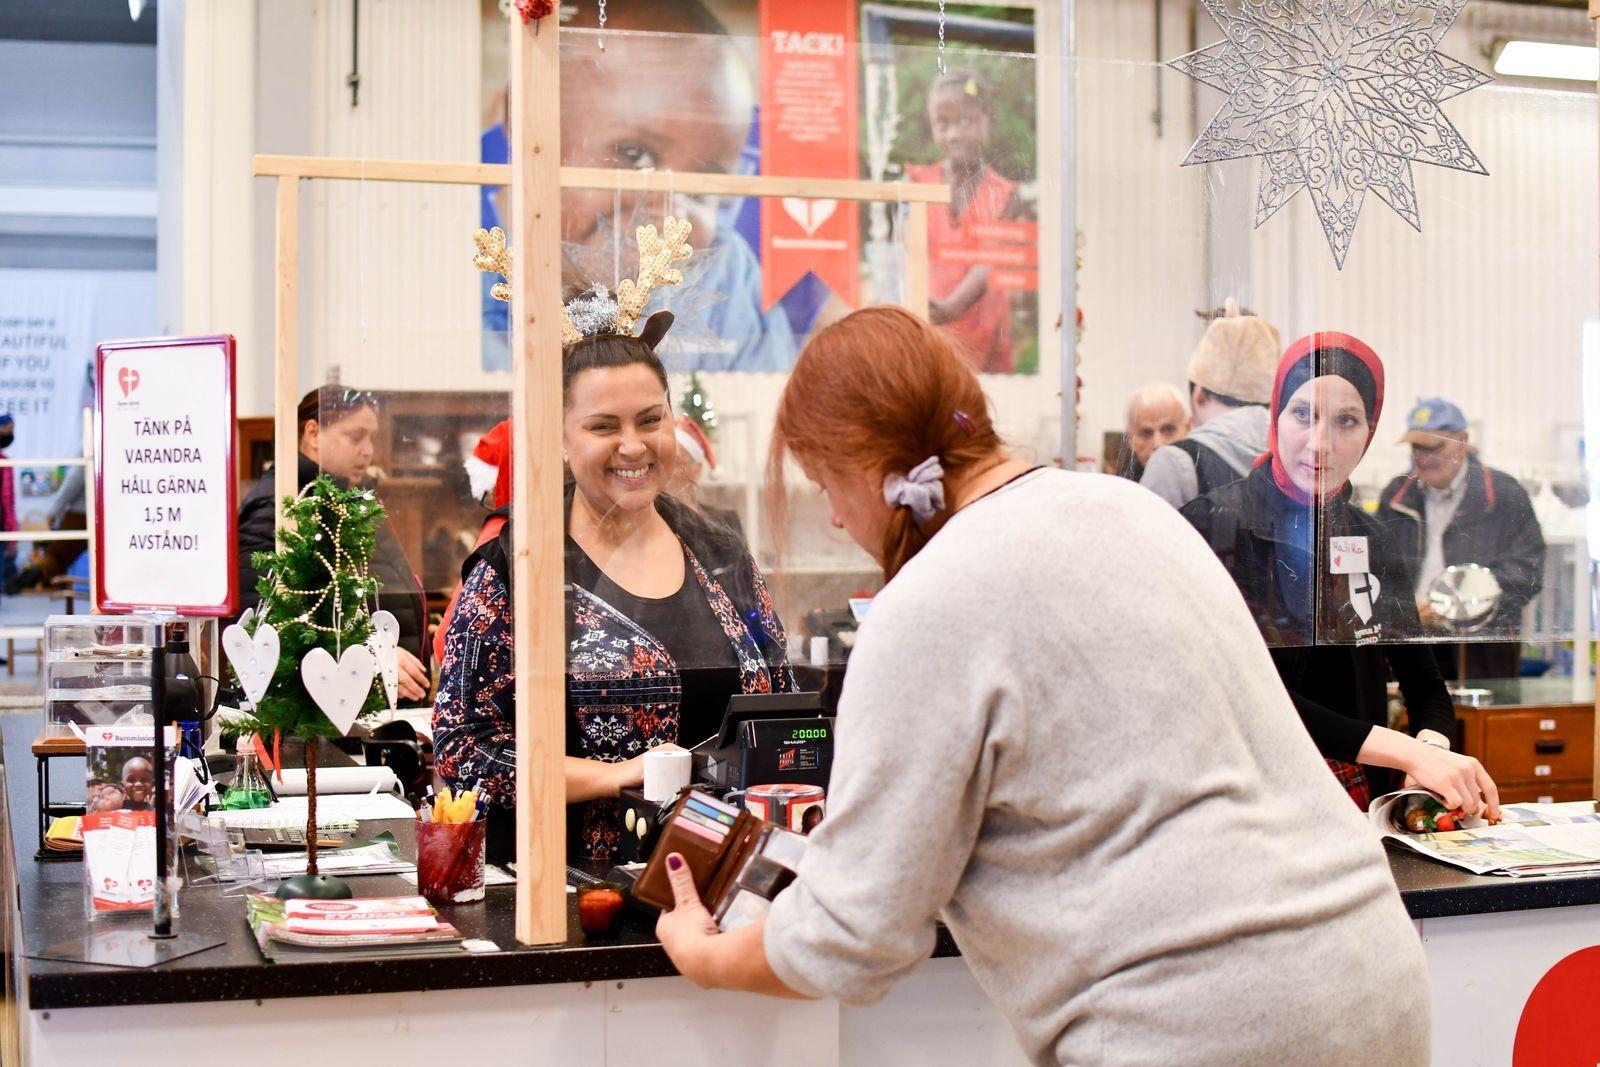 Handspritstationer vid entrén och inne i butiken, samt plexiglasskivor mellan kassapersonal och kund är andra anpassningar som gjorts.